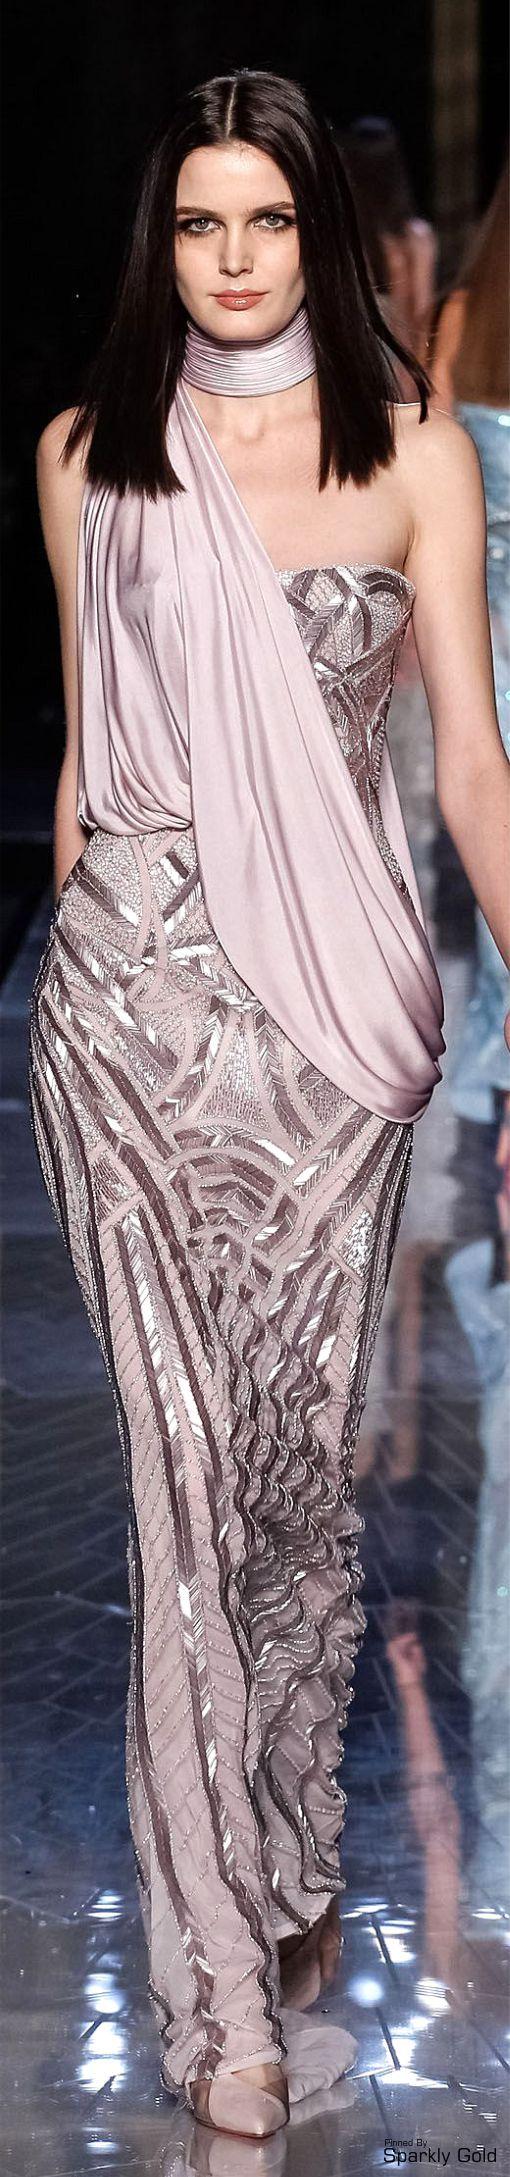 Atelier Versace S/S 2014